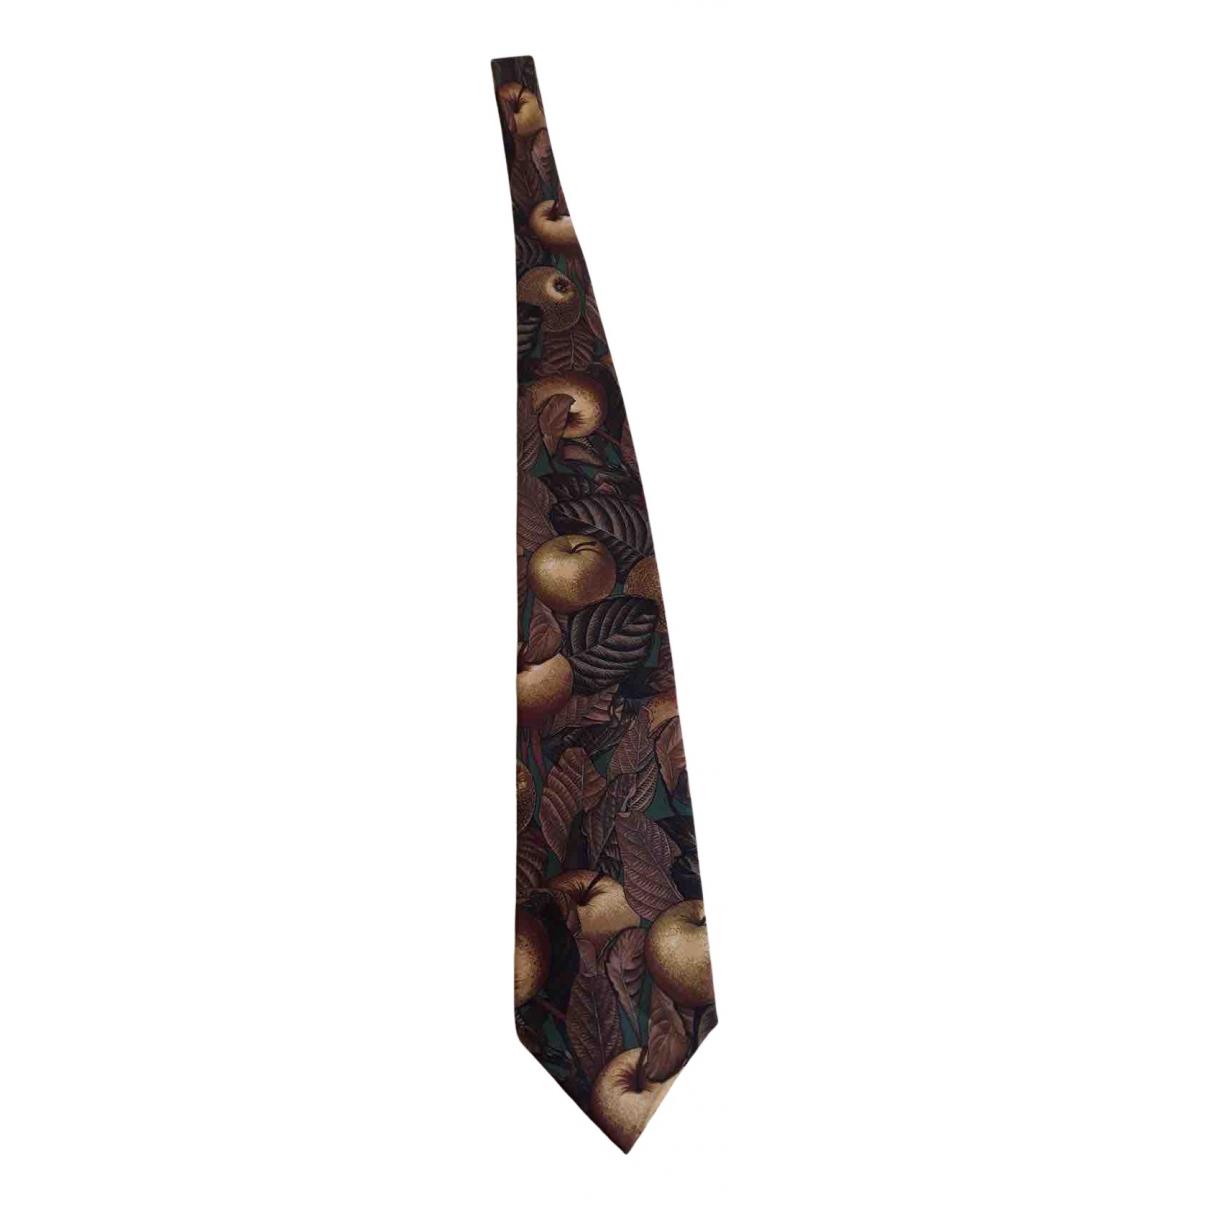 Yves Saint Laurent - Cravates   pour homme en soie